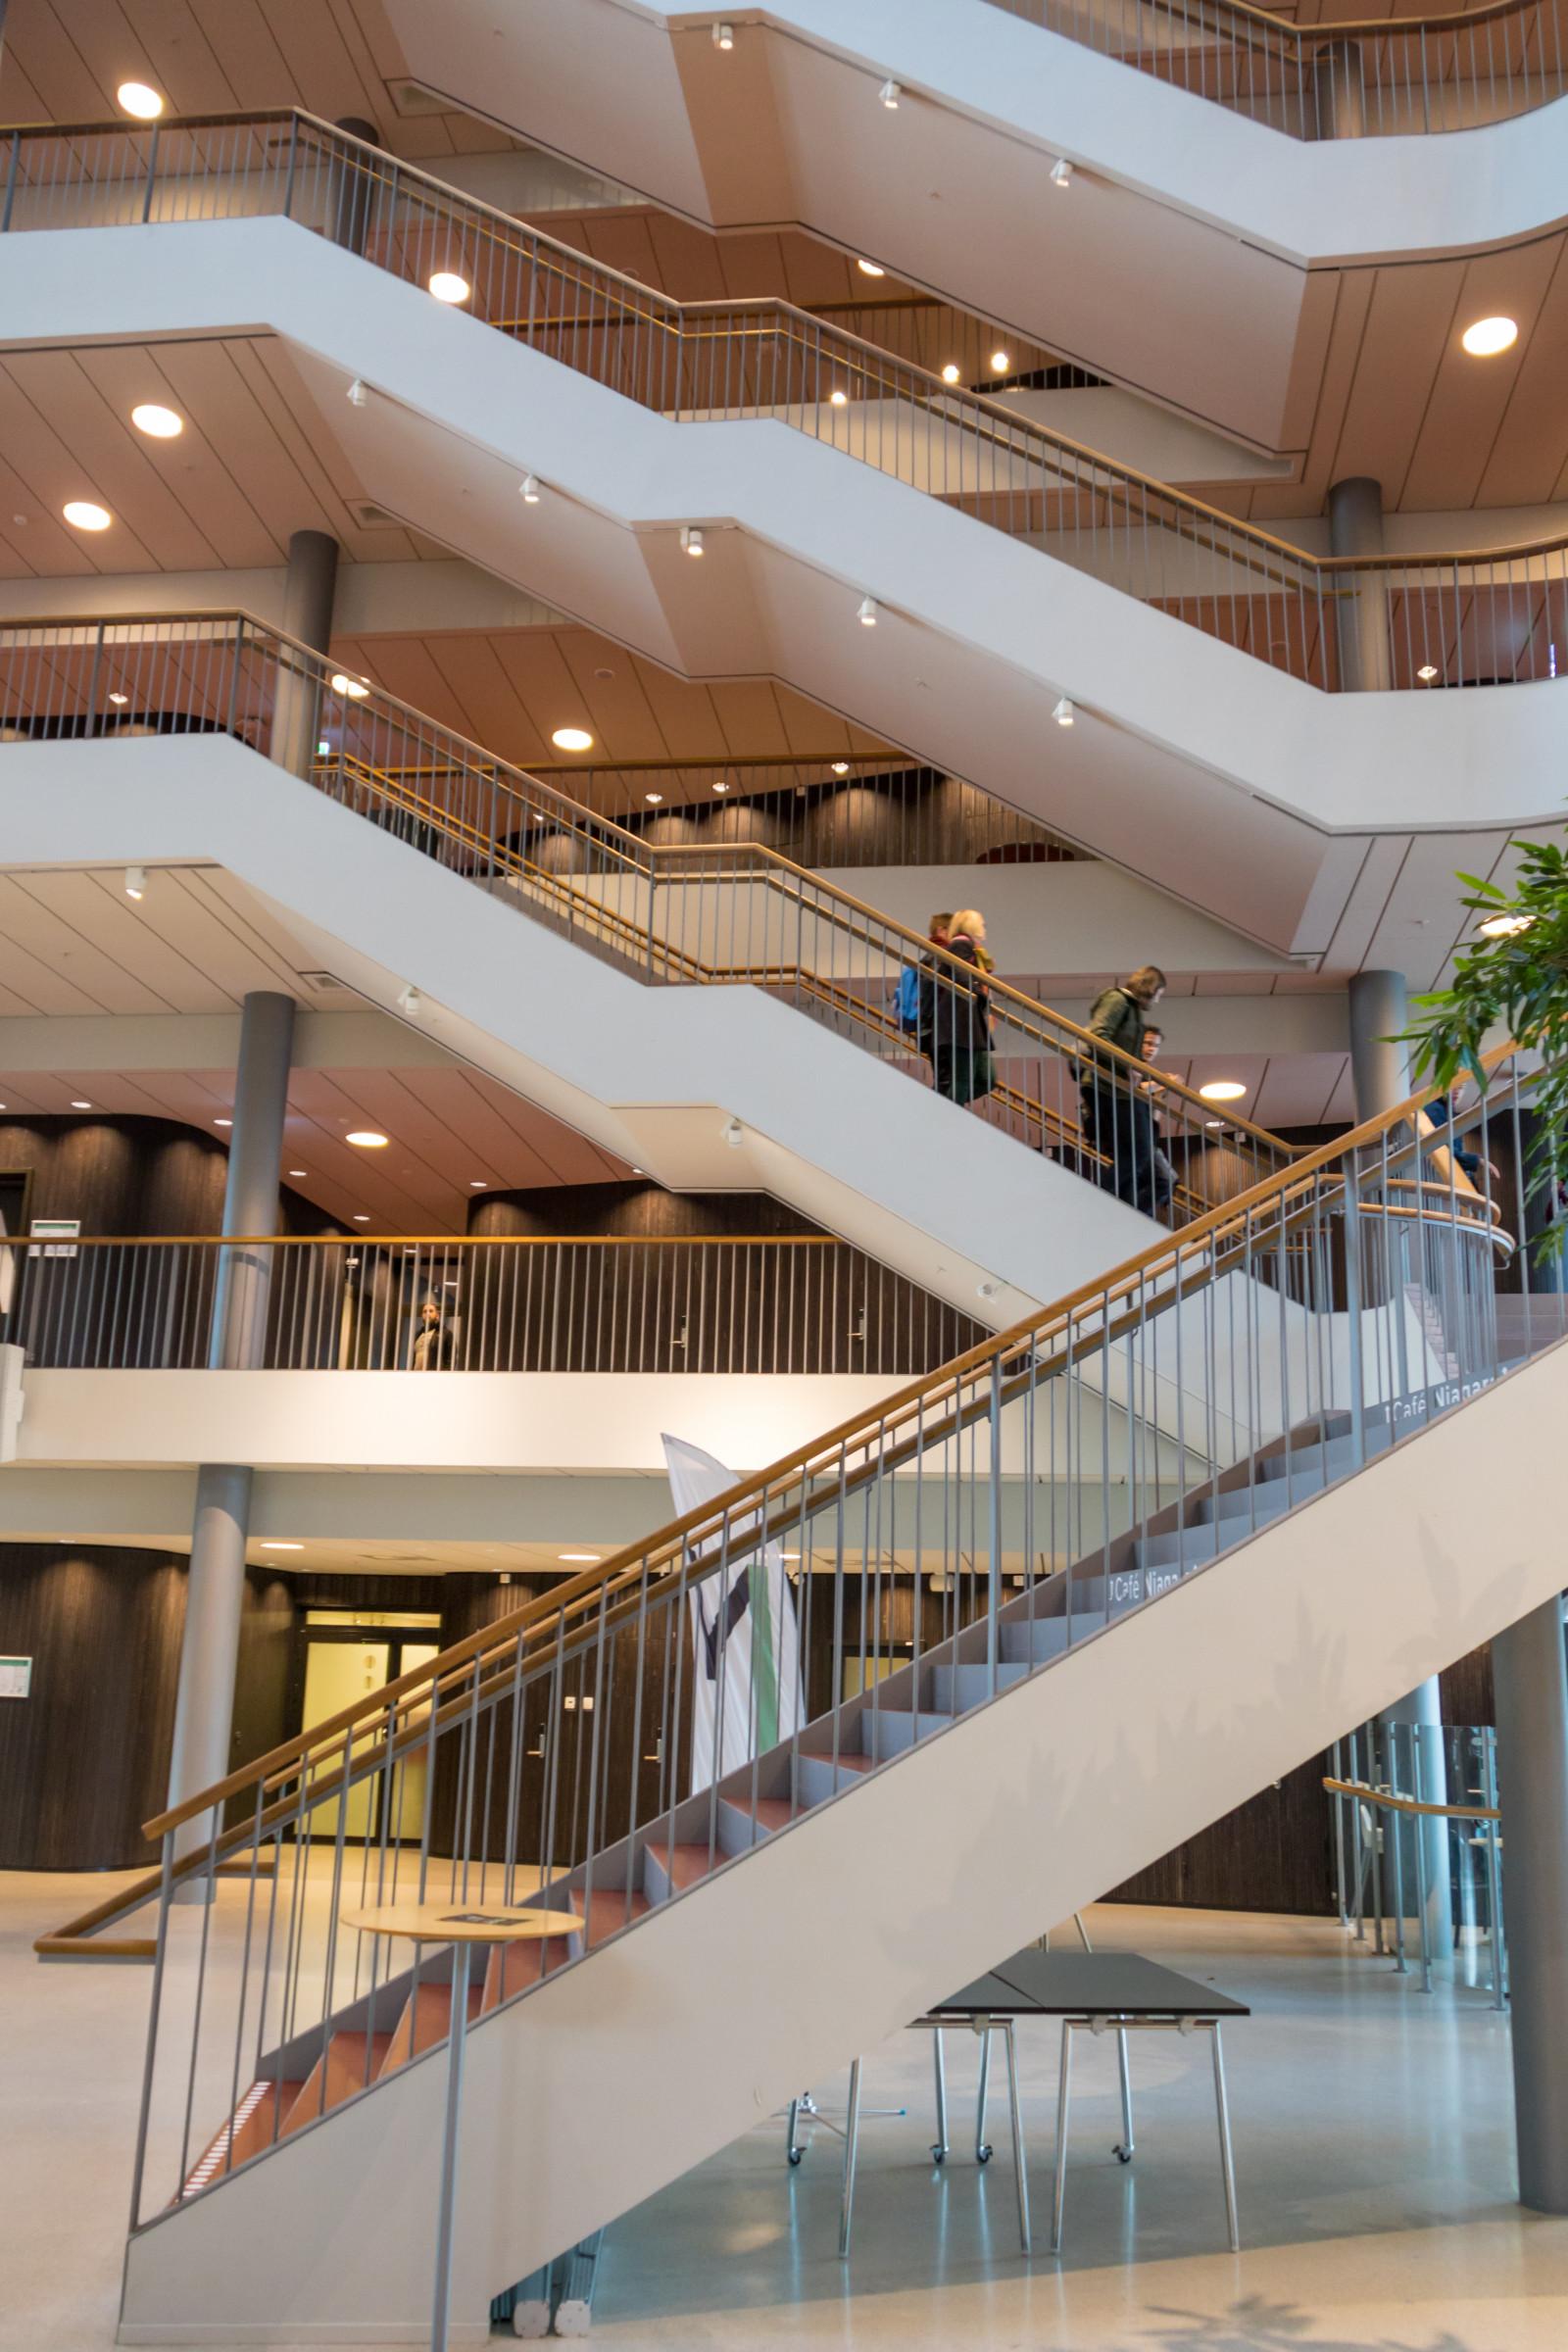 Fondos de pantalla arquitectura edificio escalera for Diseno de iluminacion de interiores